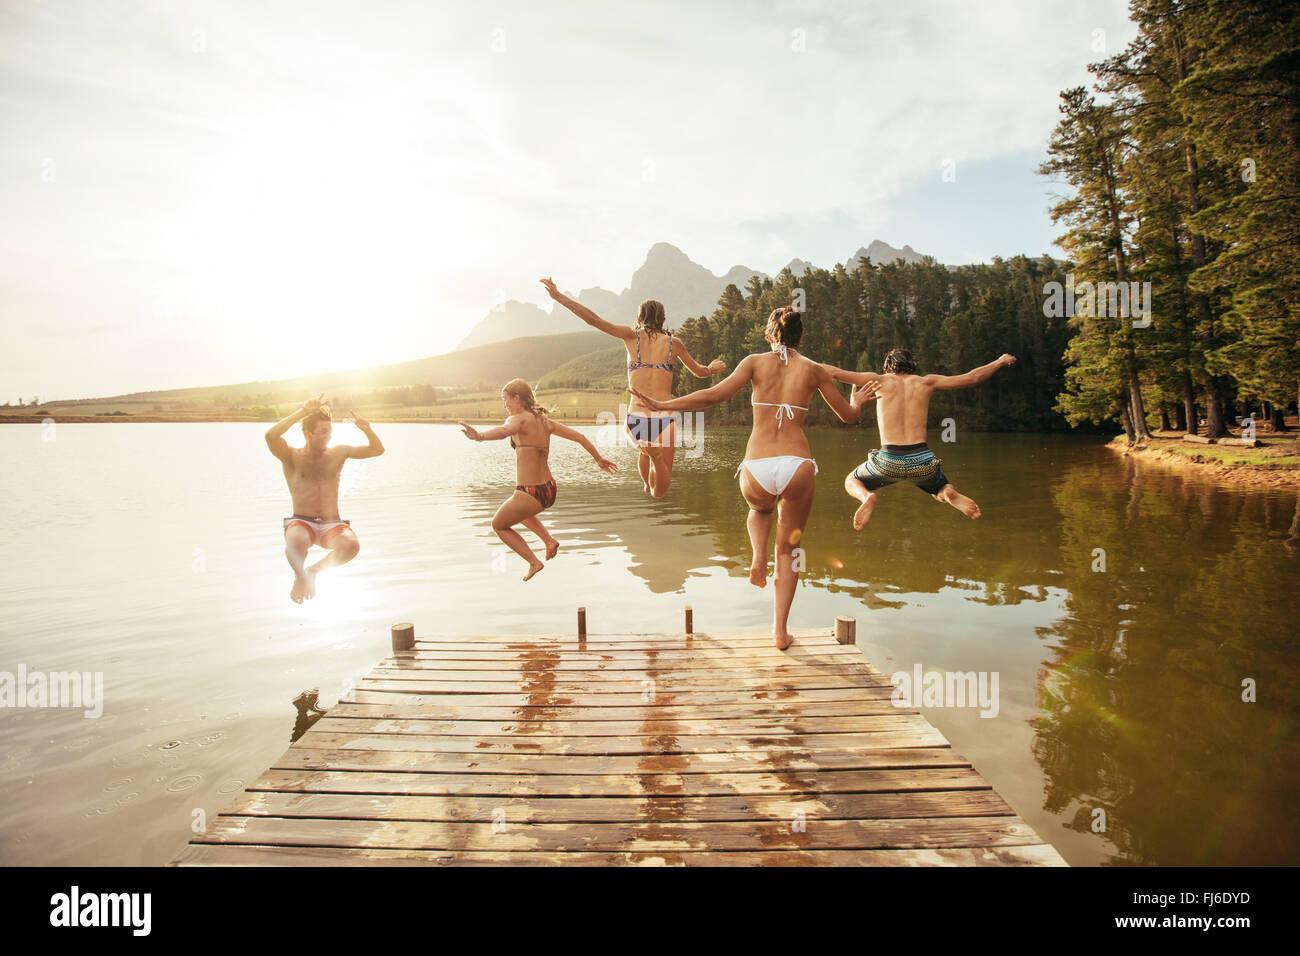 Ritratto di giovani amici saltare in acqua da un molo. I giovani divertirsi presso il lago in un giorno di estate. Immagini Stock